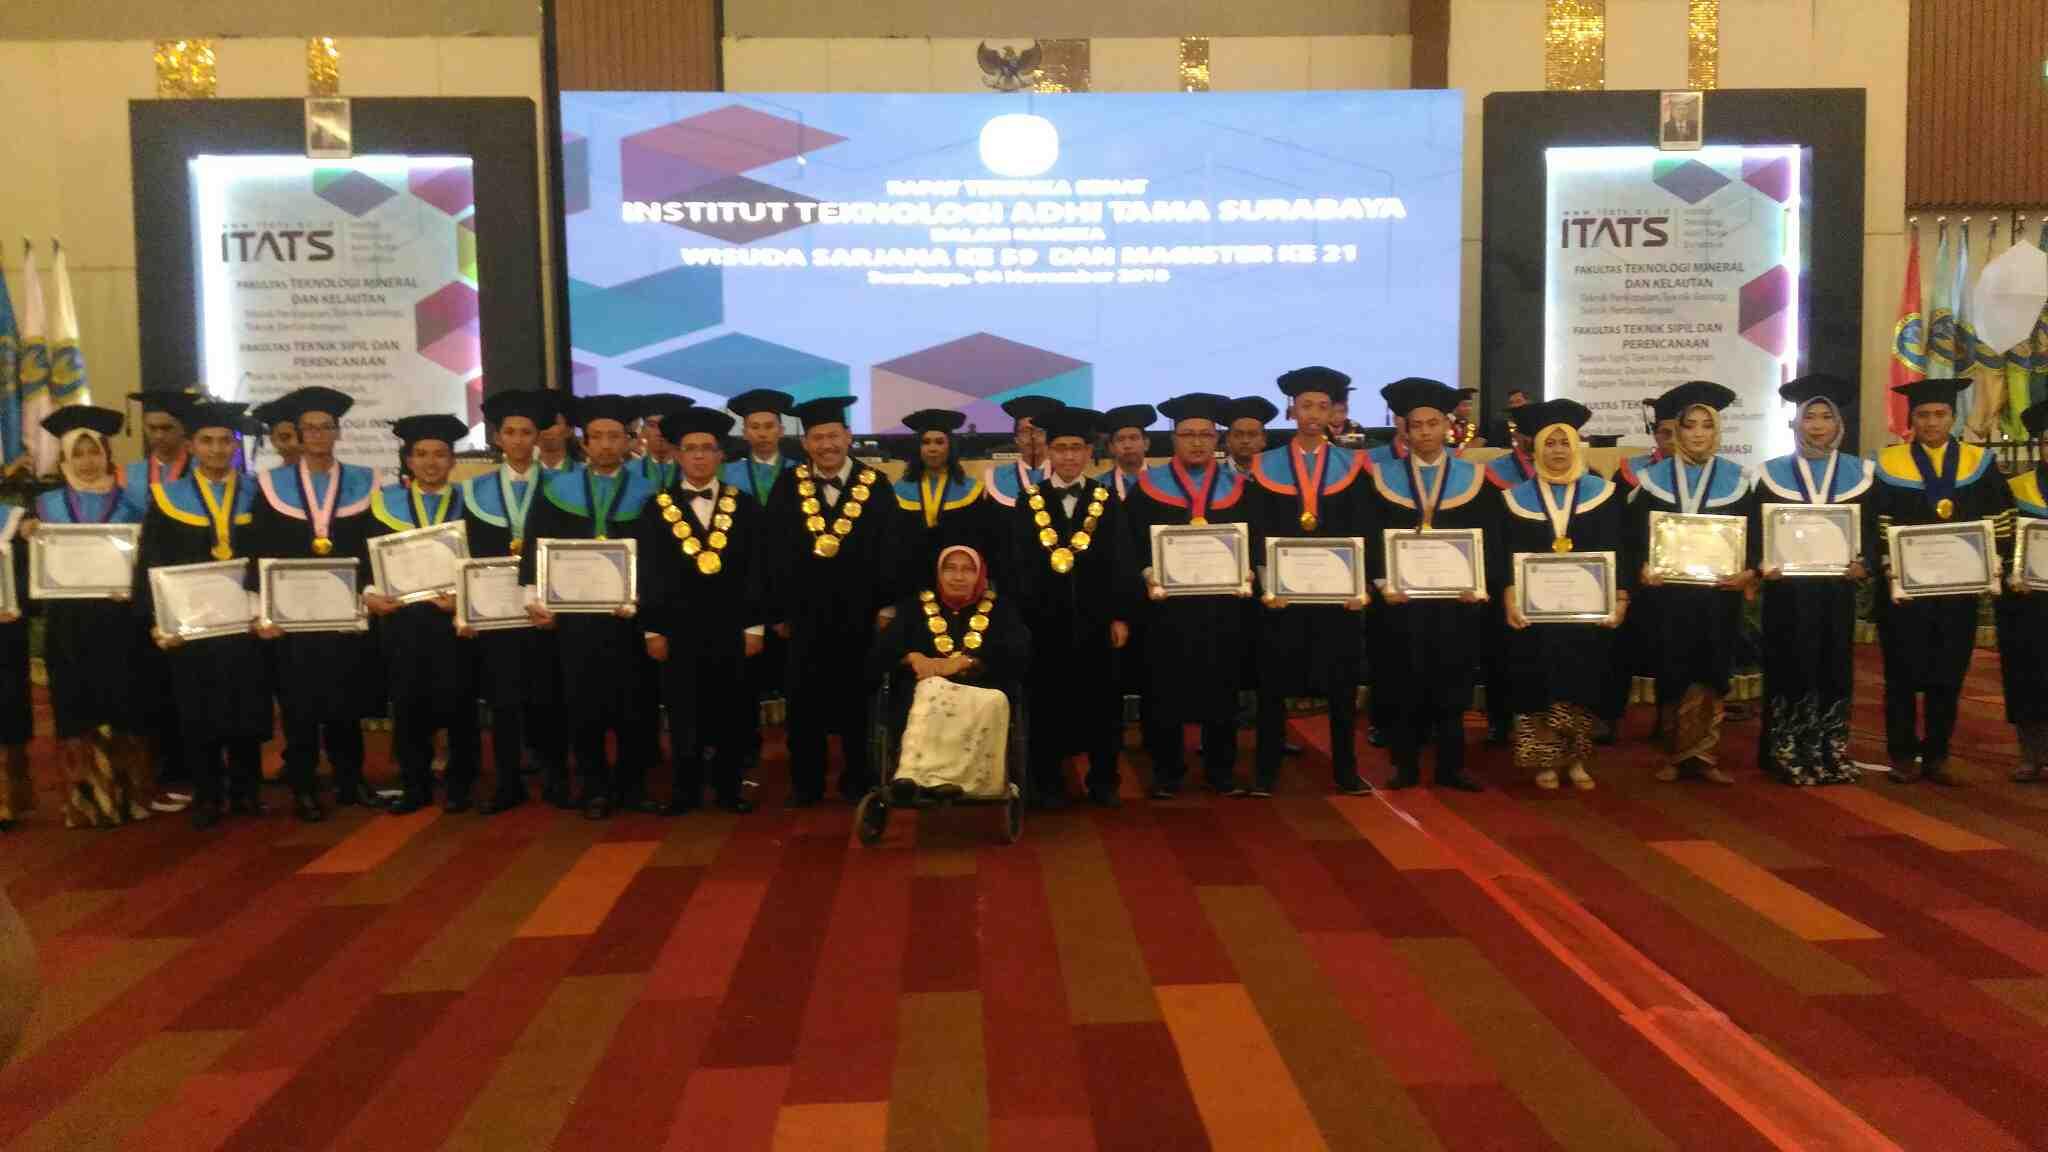 Daftar Lengkap Akreditasi Kampus ITATS Terbaru 2019 Institut Teknologi Adhi Tama Surabaya.